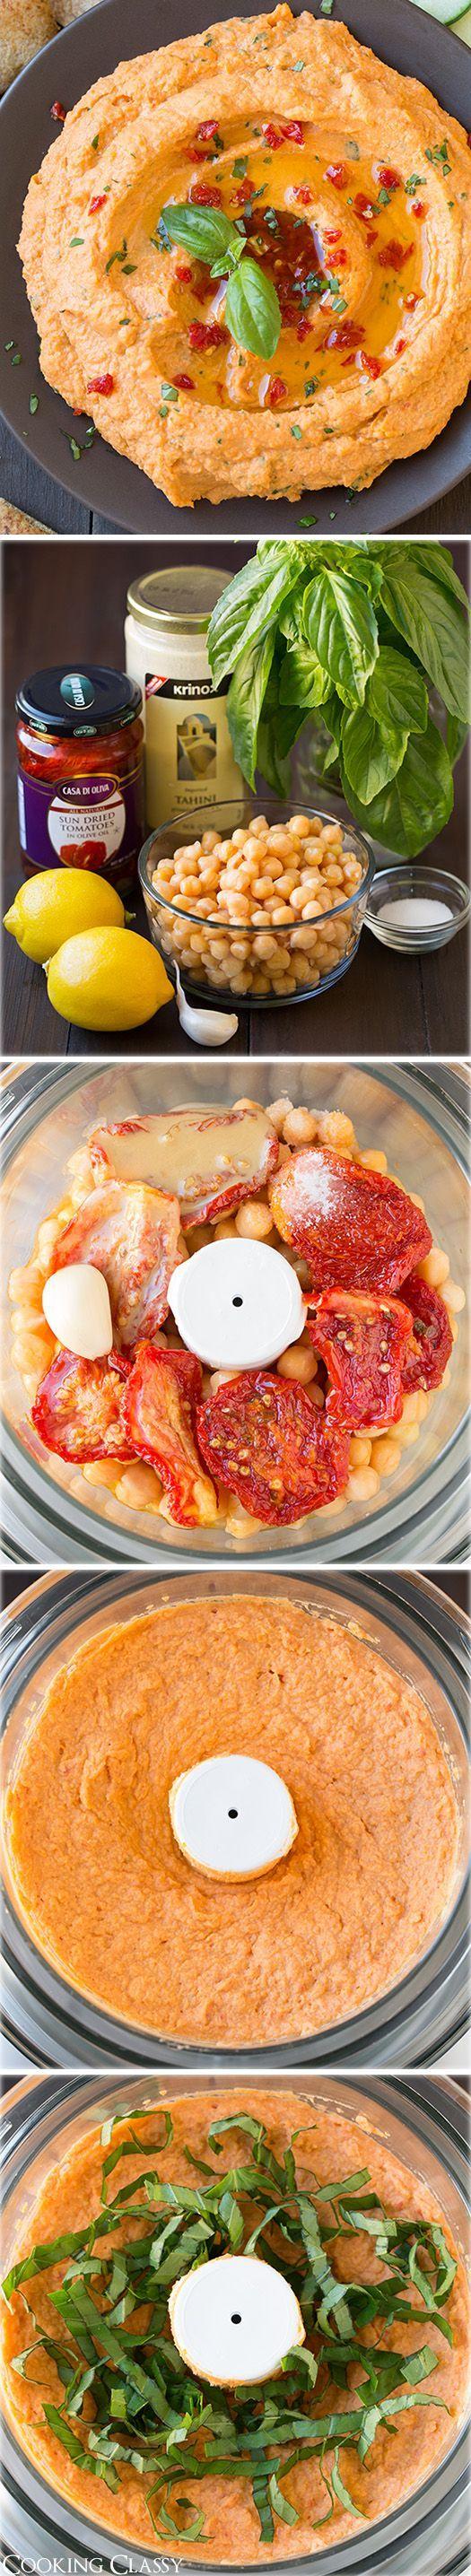 Getrocknete Tomaten und Basilikum - Ein Hummus Rezept als frischer und leckerer Dip.  Als einfache Vorspeise oder zur nächsten Gartenparty.